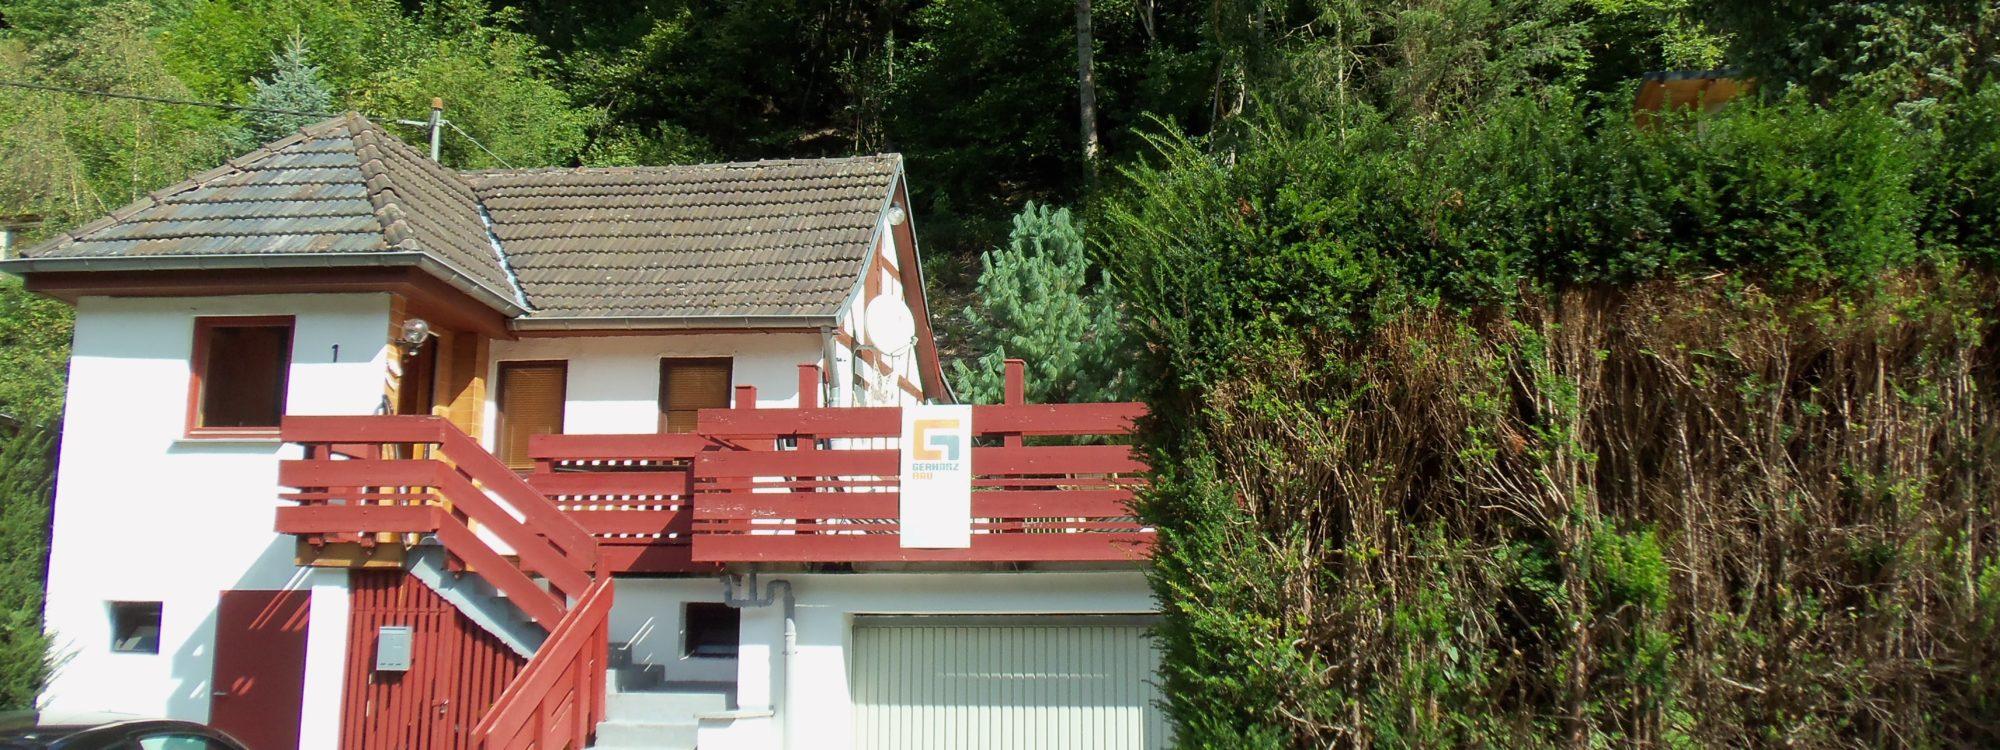 Anglerparadies – Gemütliches Haus, zwischen Waldrand und der Lahn